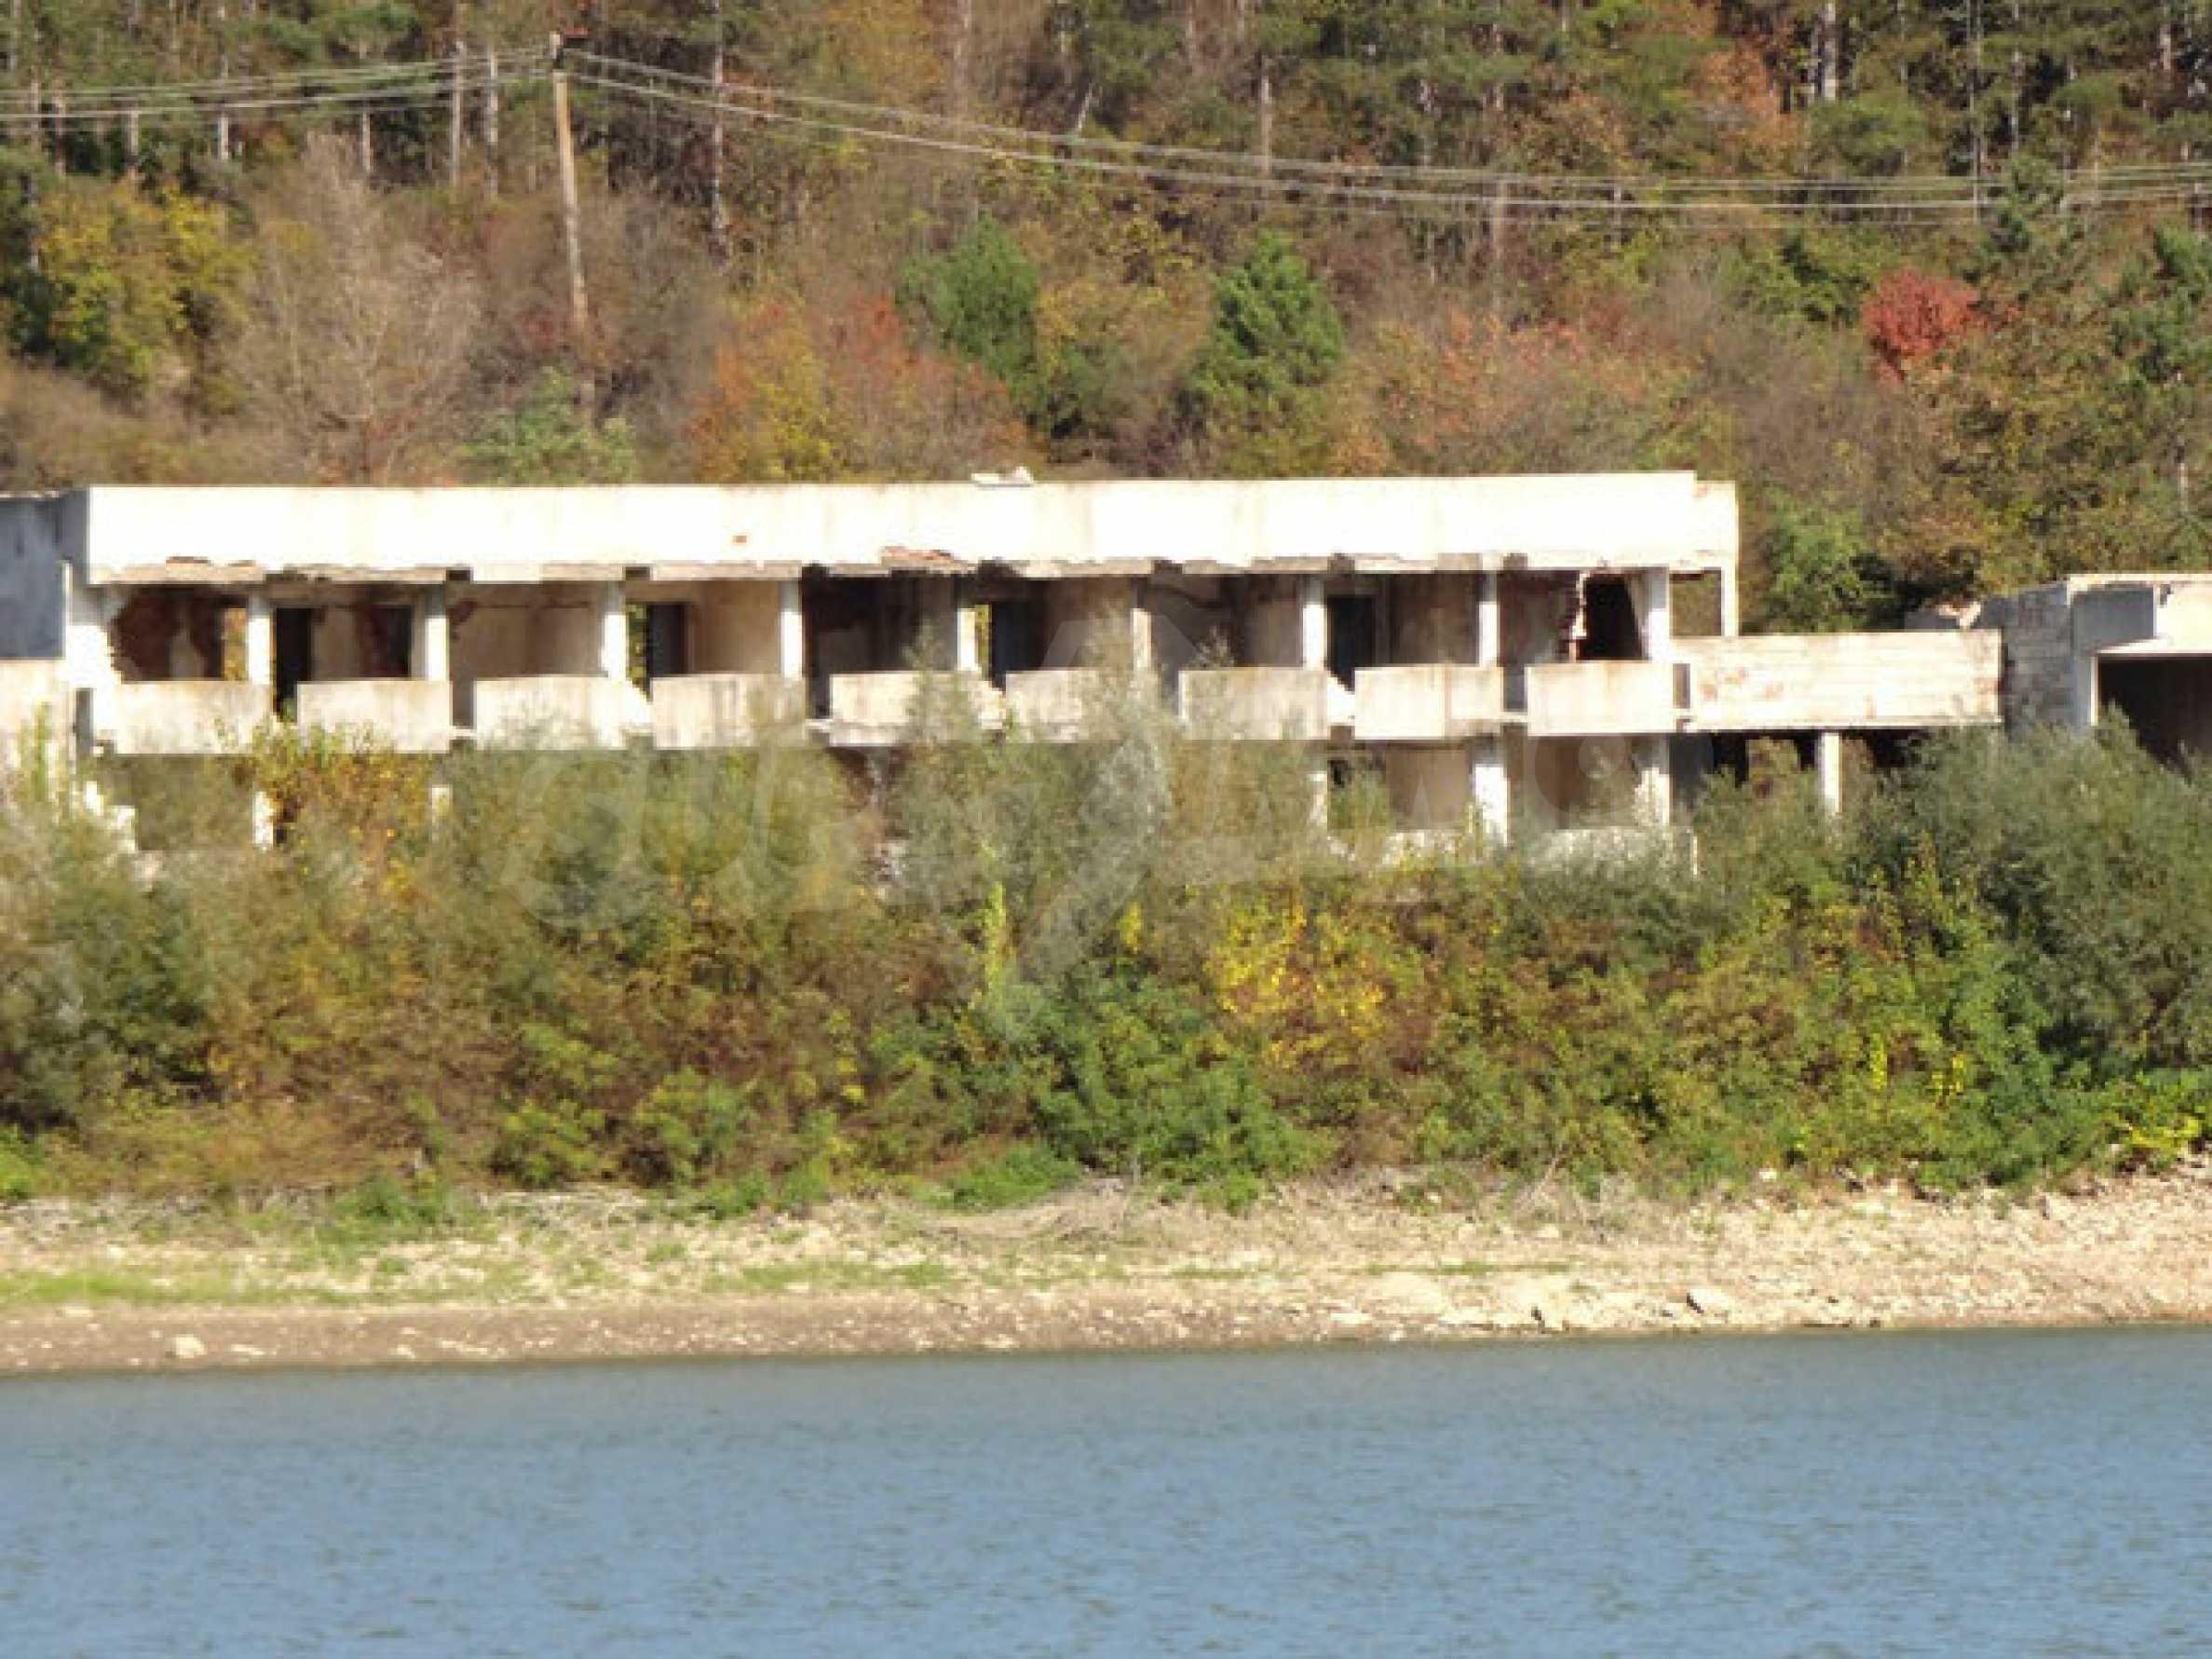 Massives Gebäude am Ufer eines Dammes 36